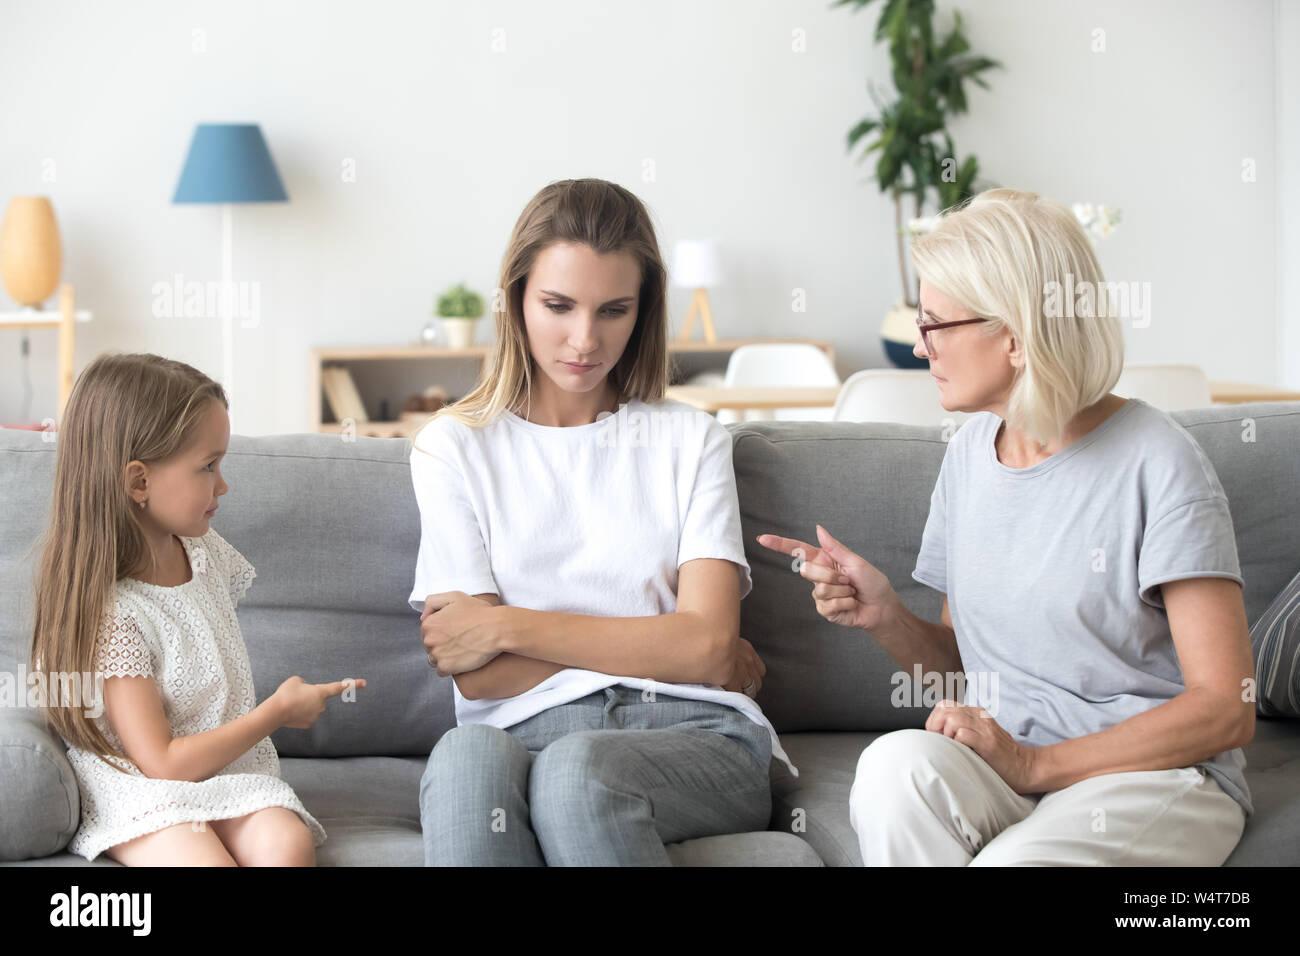 Trois graves diversifiés de fille petite-fille et grand-mère à l'intérieur Banque D'Images